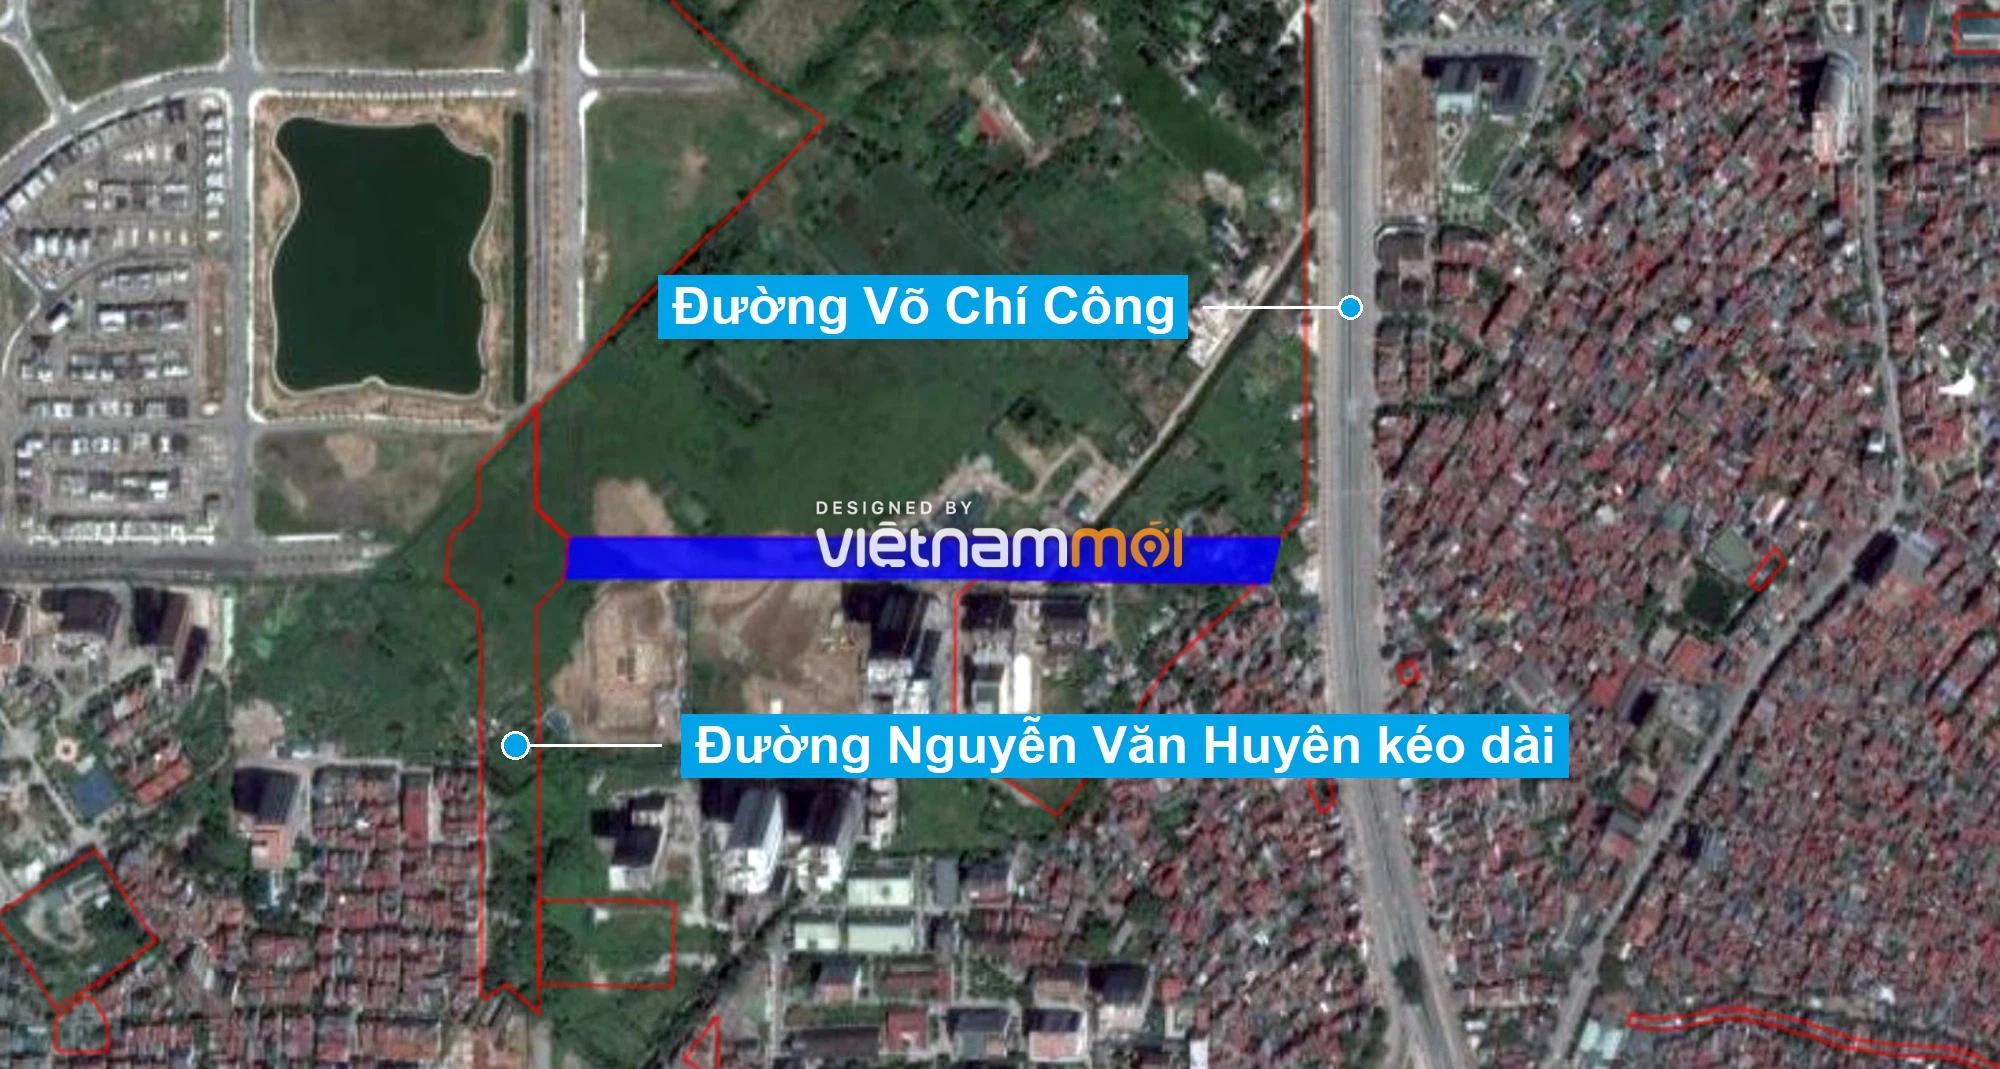 Những khu đất sắp thu hồi để mở đường ở quận Tây Hồ, Hà Nội (phần 3) - Ảnh 15.